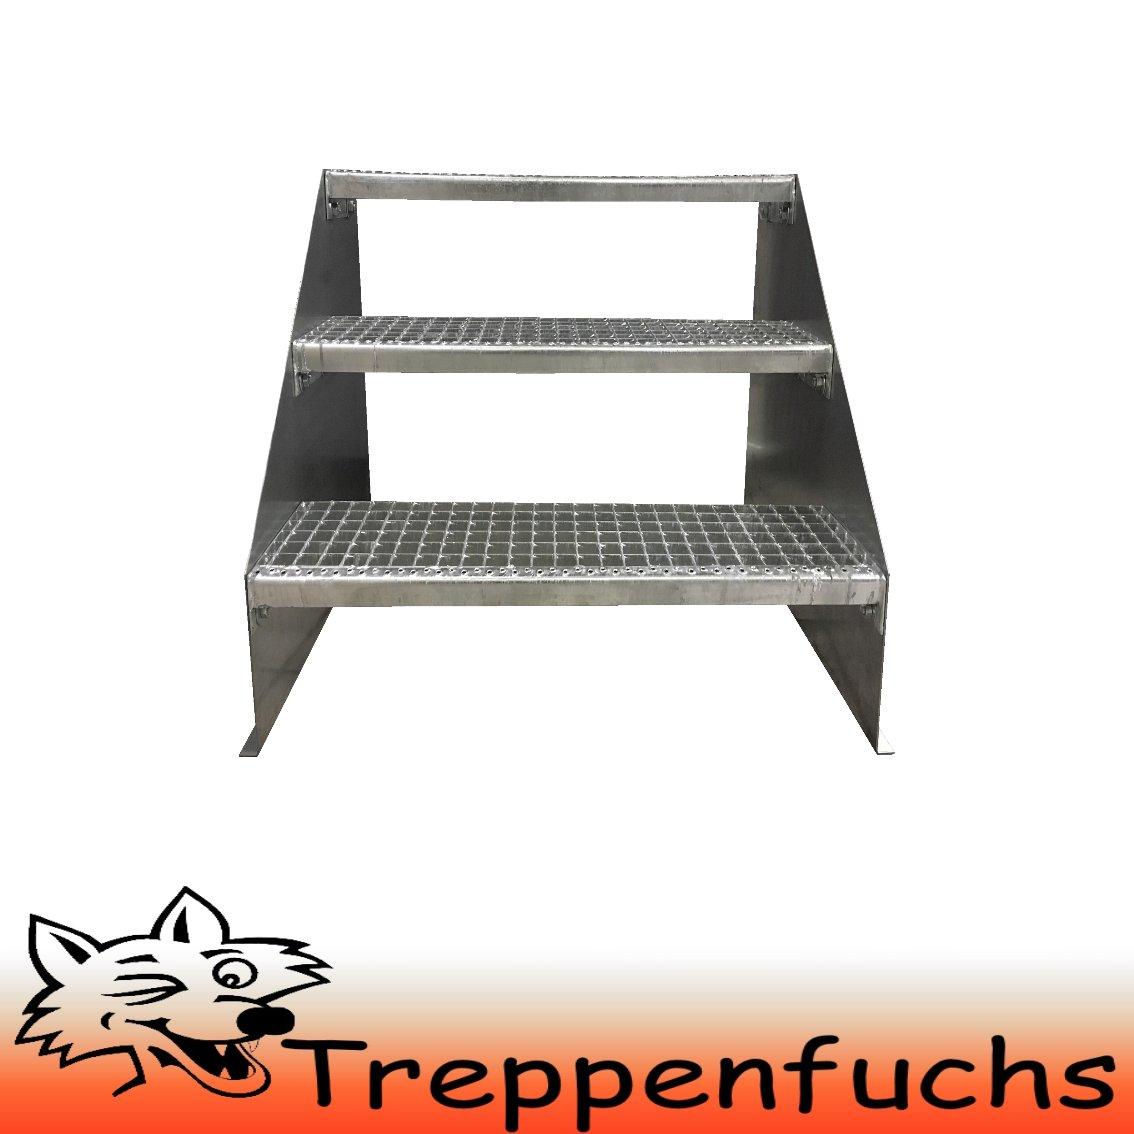 3 Stufen Standtreppe Stahltreppe freistehend Breite 90cm H/öhe 63cm Verzinkt// Robuste Au/ßentreppe Stabile Industrietreppe f/ür den Au/ßenbereich